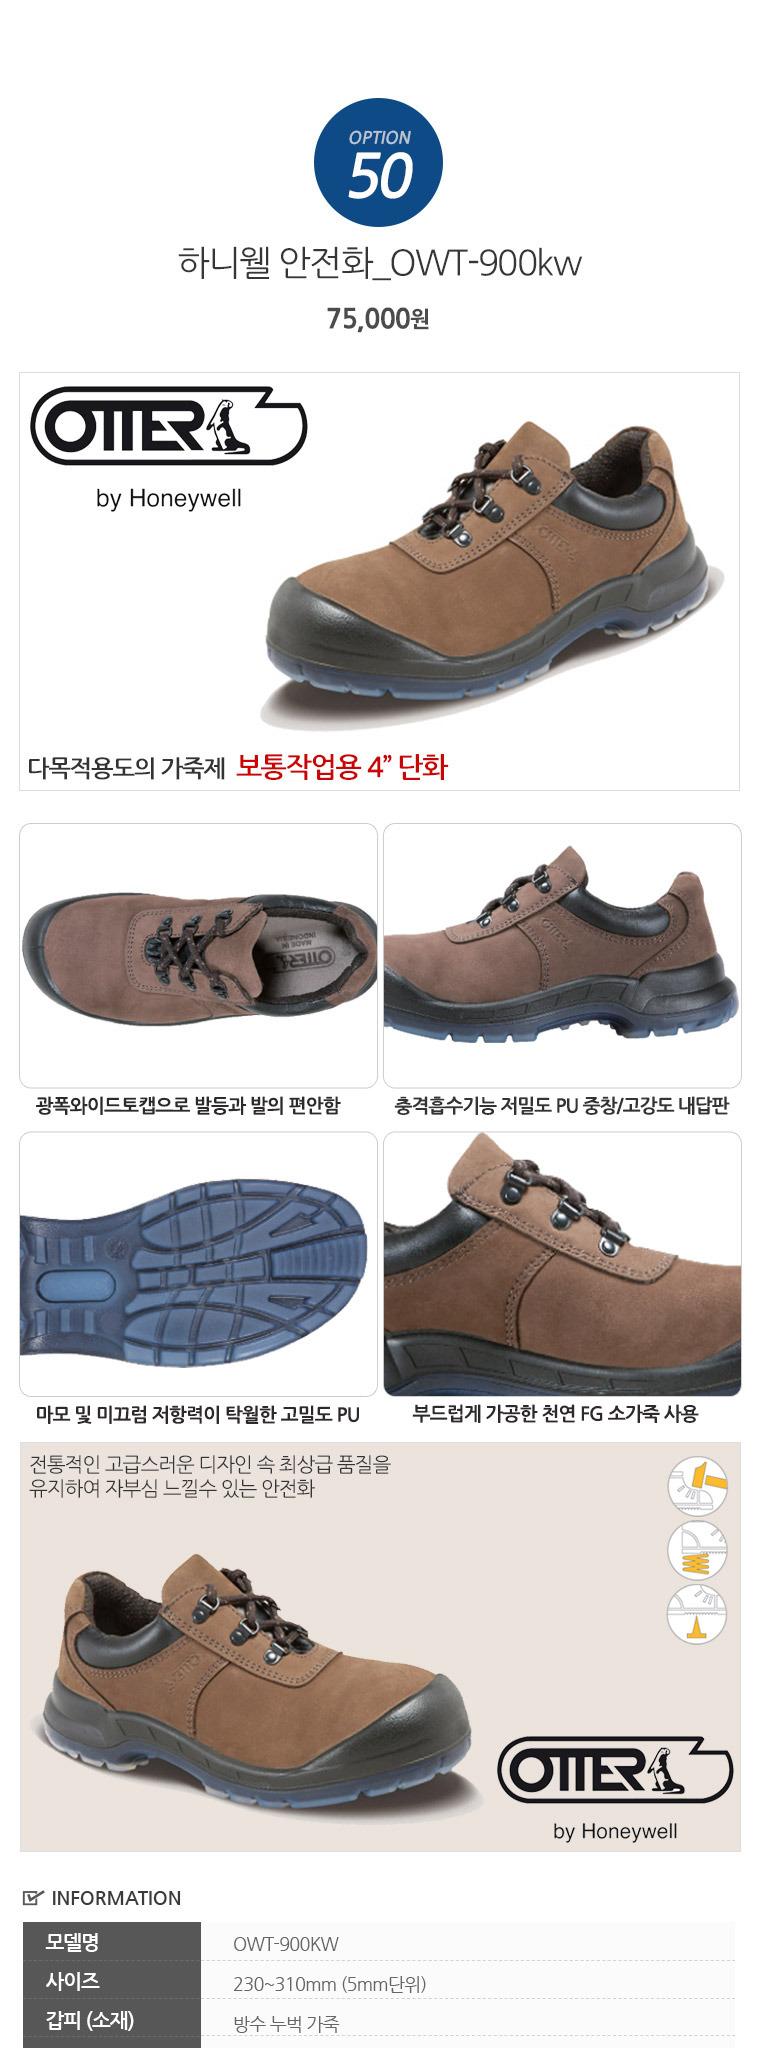 BEST 안전화 브랜드별 모음전 - 상세정보